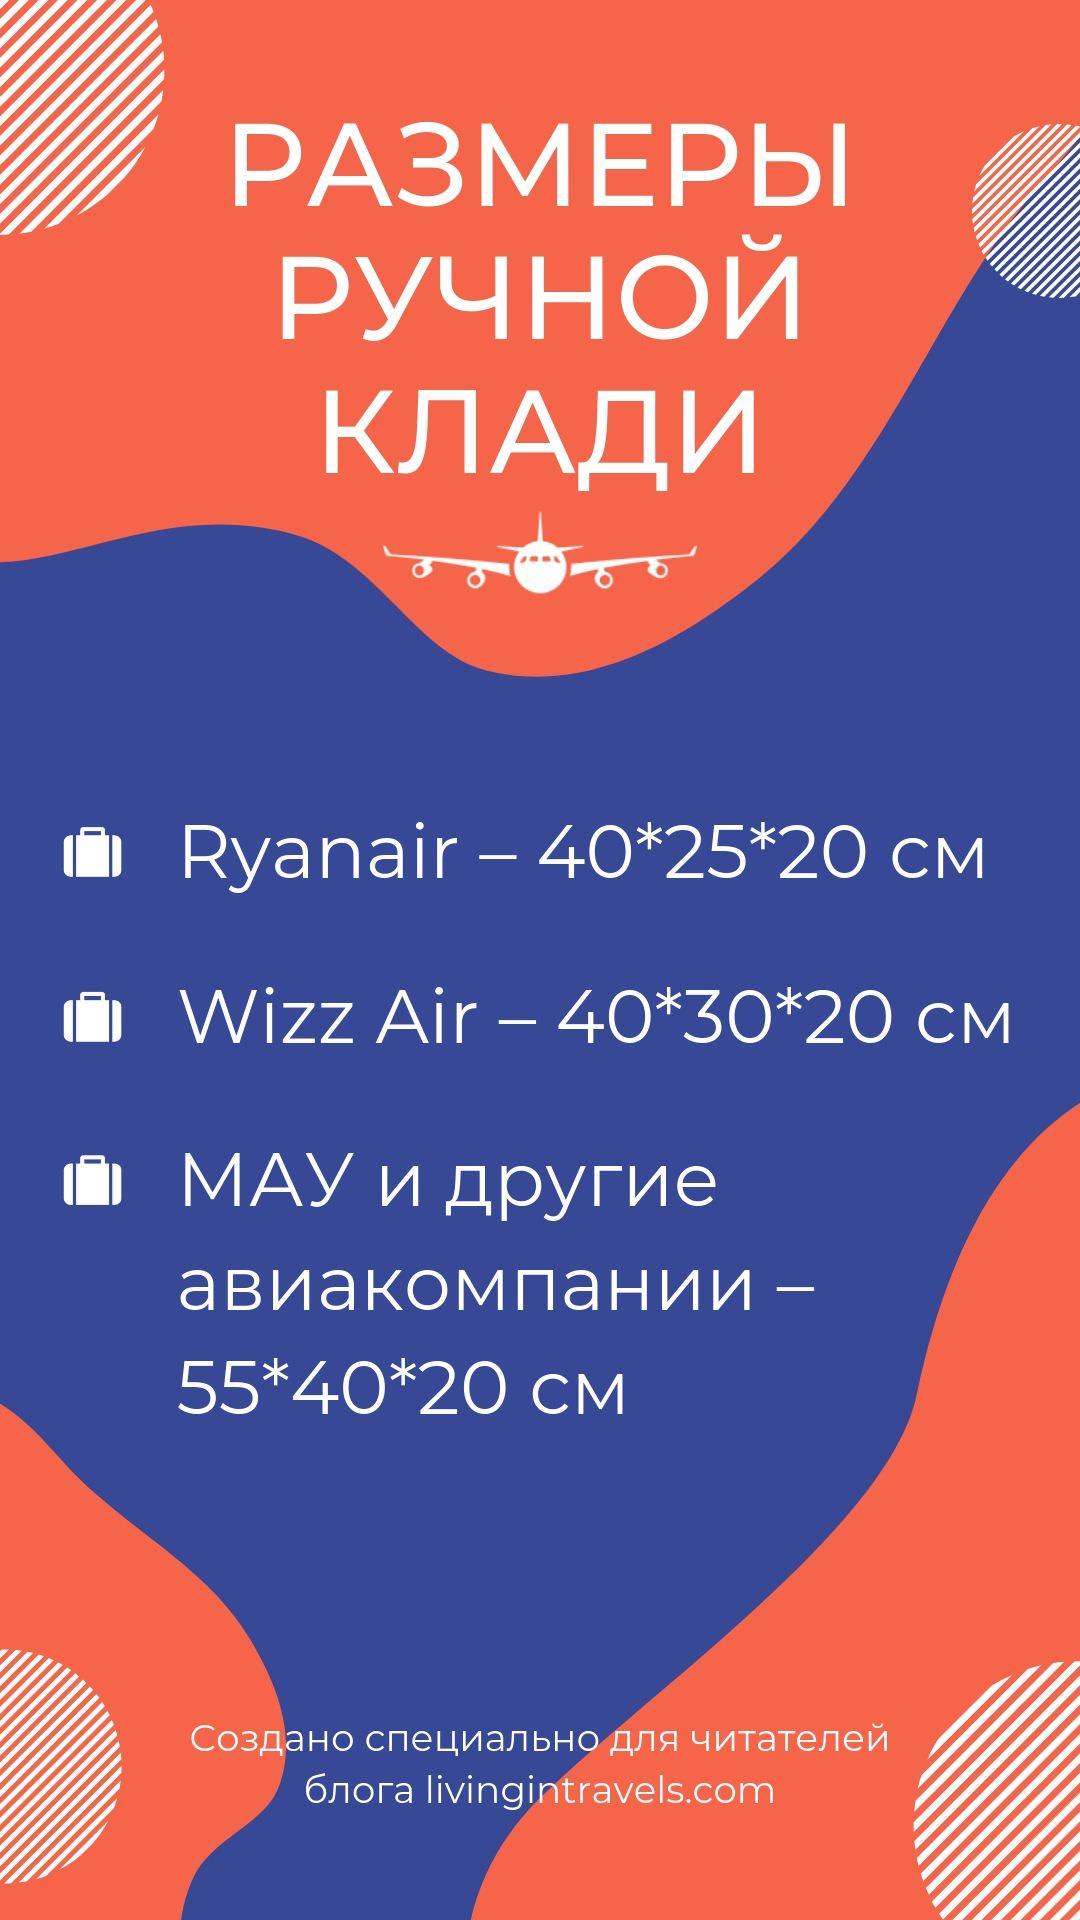 Размеры ручной клади для лоукостеров Ryanair и Wizz Air, а так же МАУ и других небюджетных авиакомпаний. 10 стильных и удобных рюкзаков для путешествий